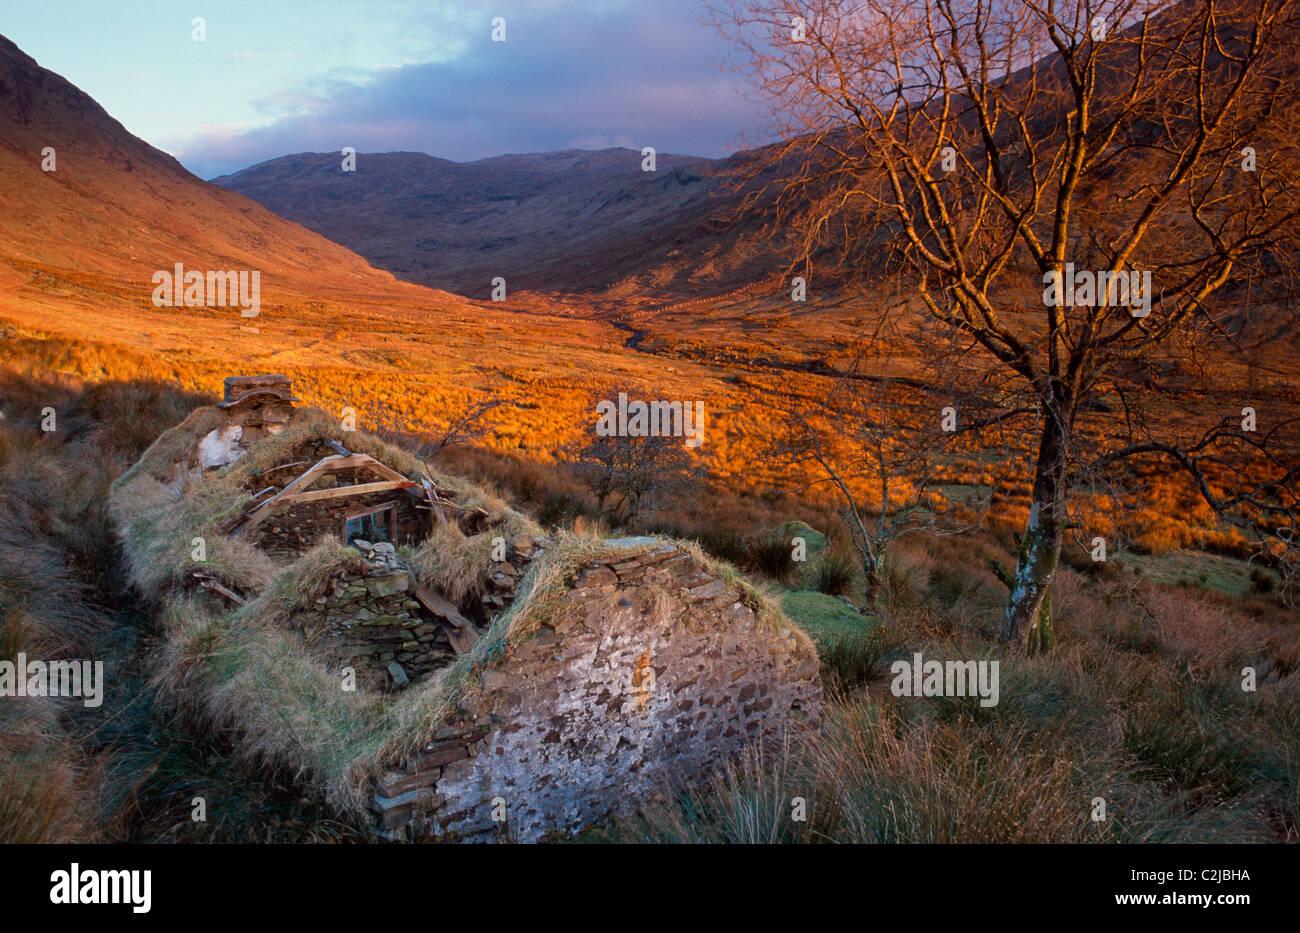 Maison de ferme abandonnée dans la vallée, Sruell Montagnes Bluestack, comté de Donegal, Irlande. Photo Stock